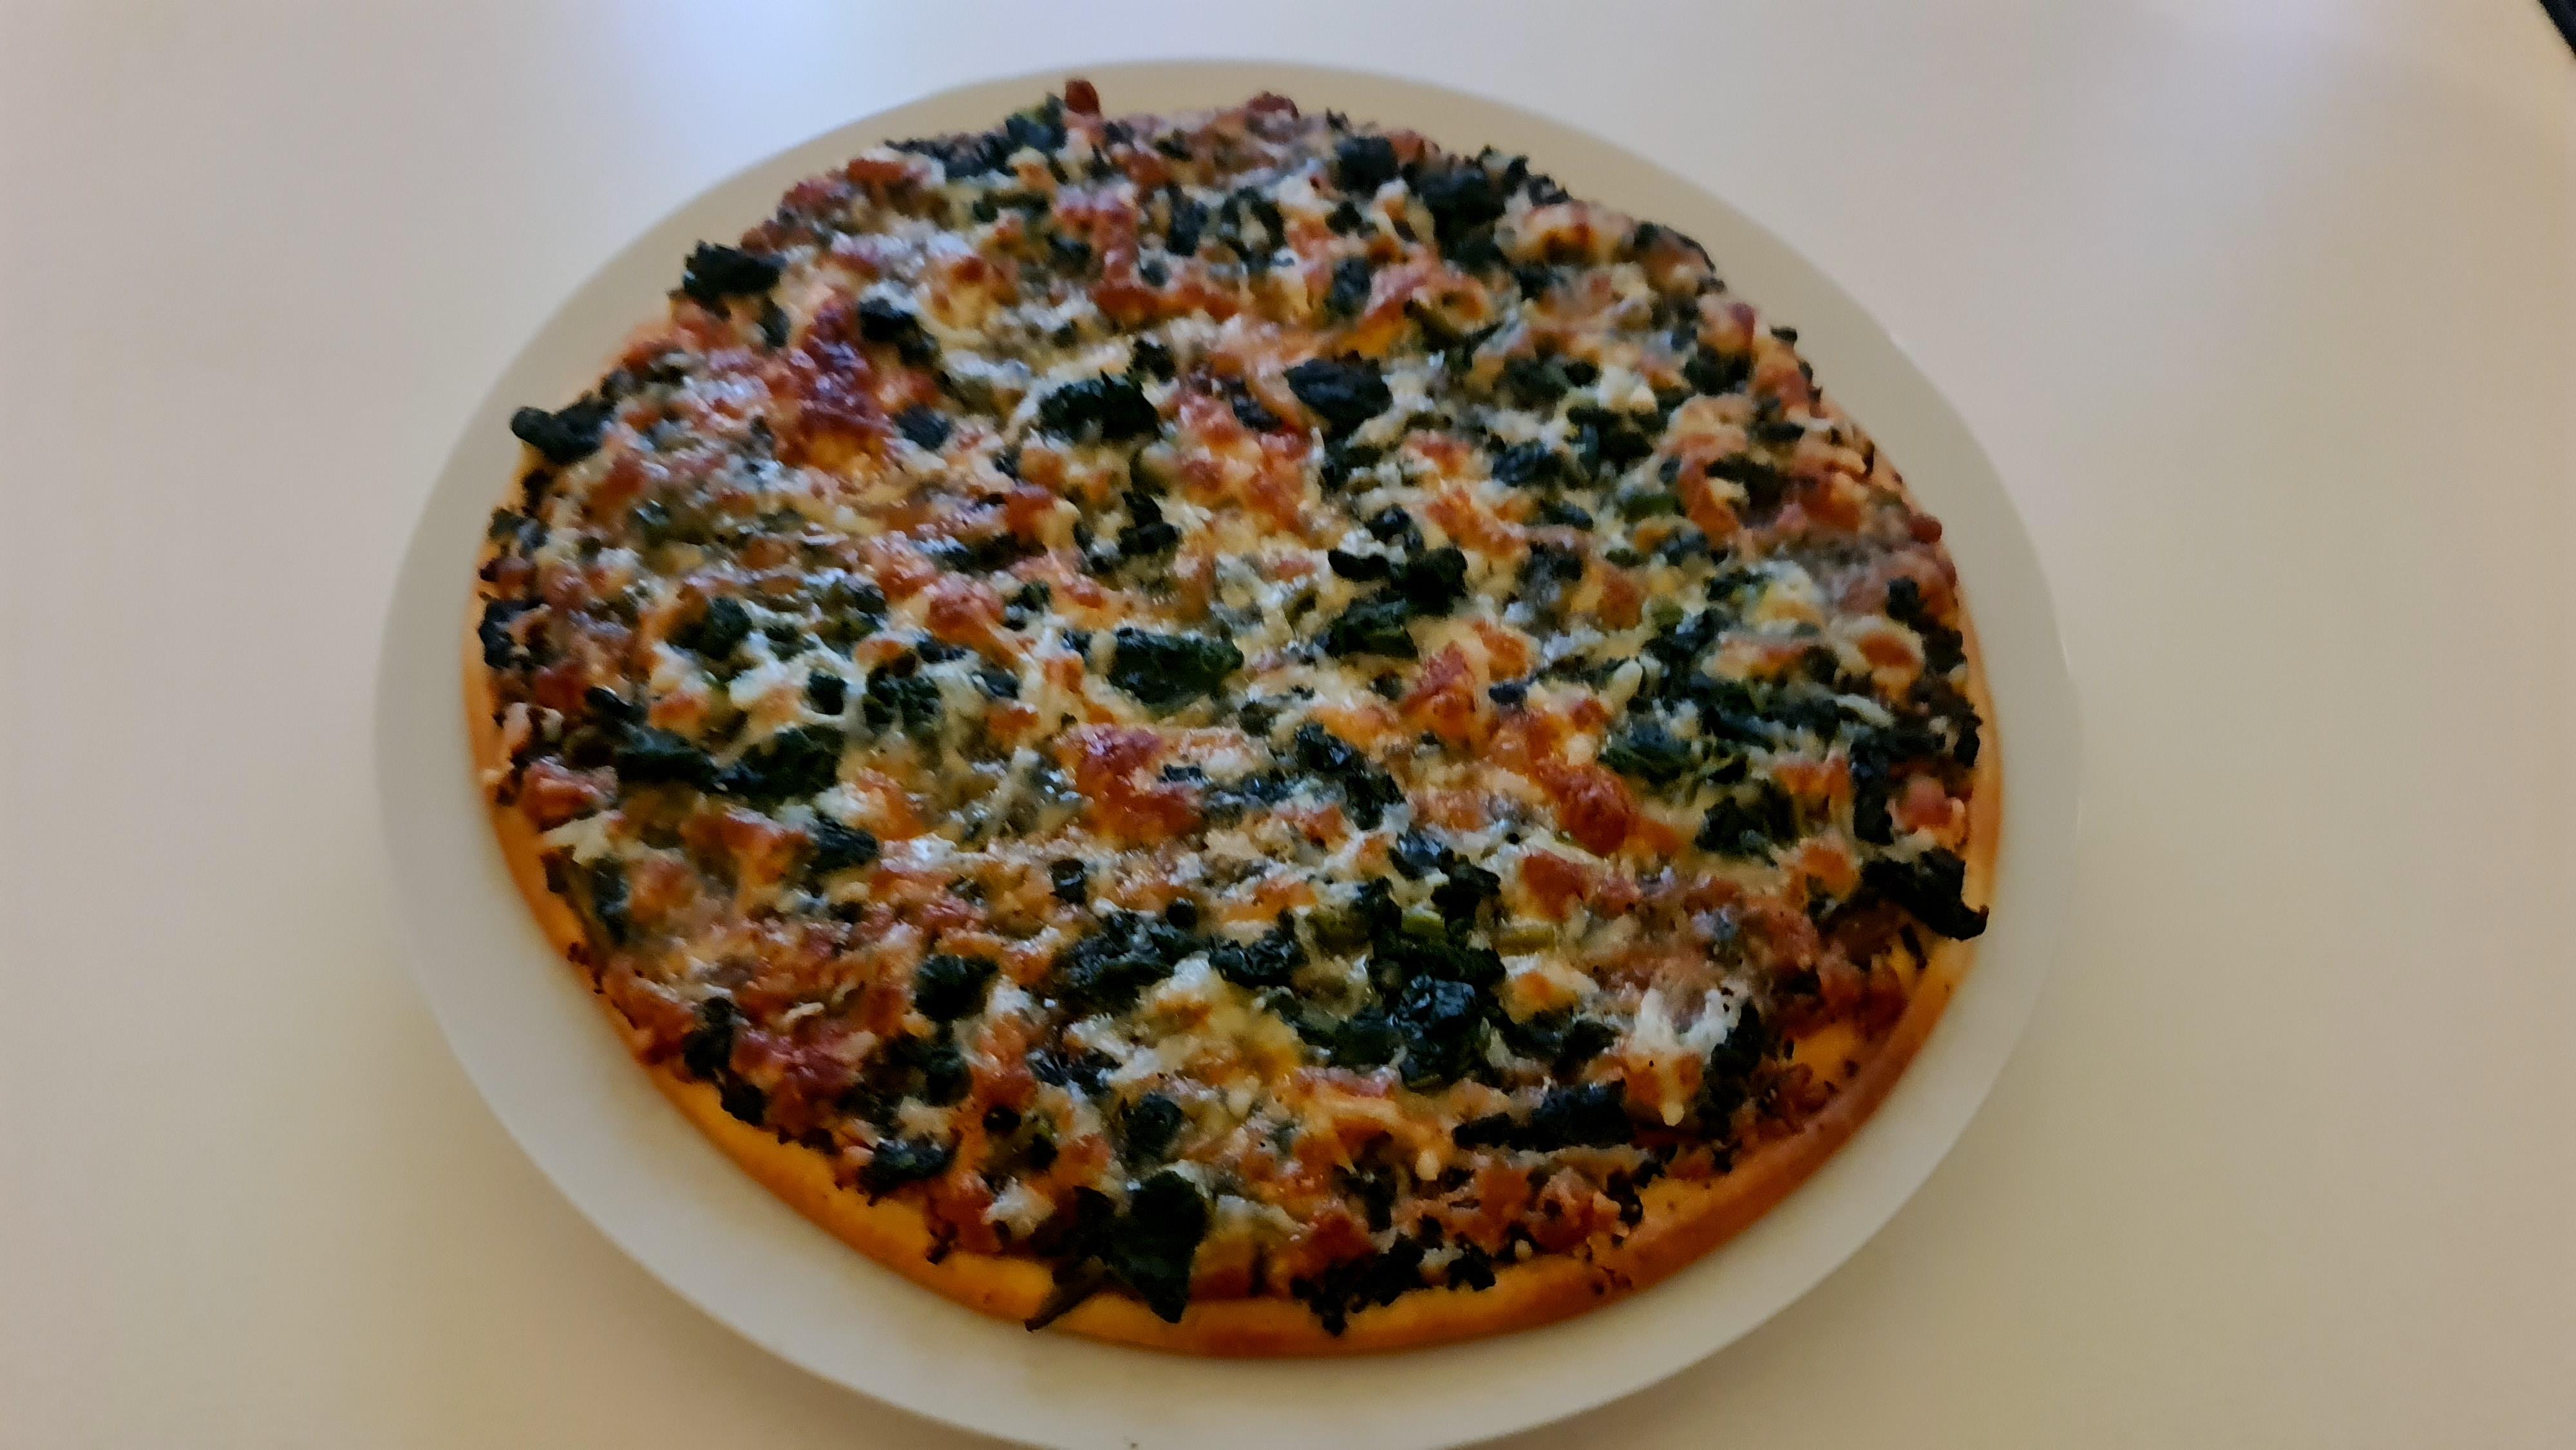 https://foodloader.net/Holz_2020-11-03_Pizza_2.jpg